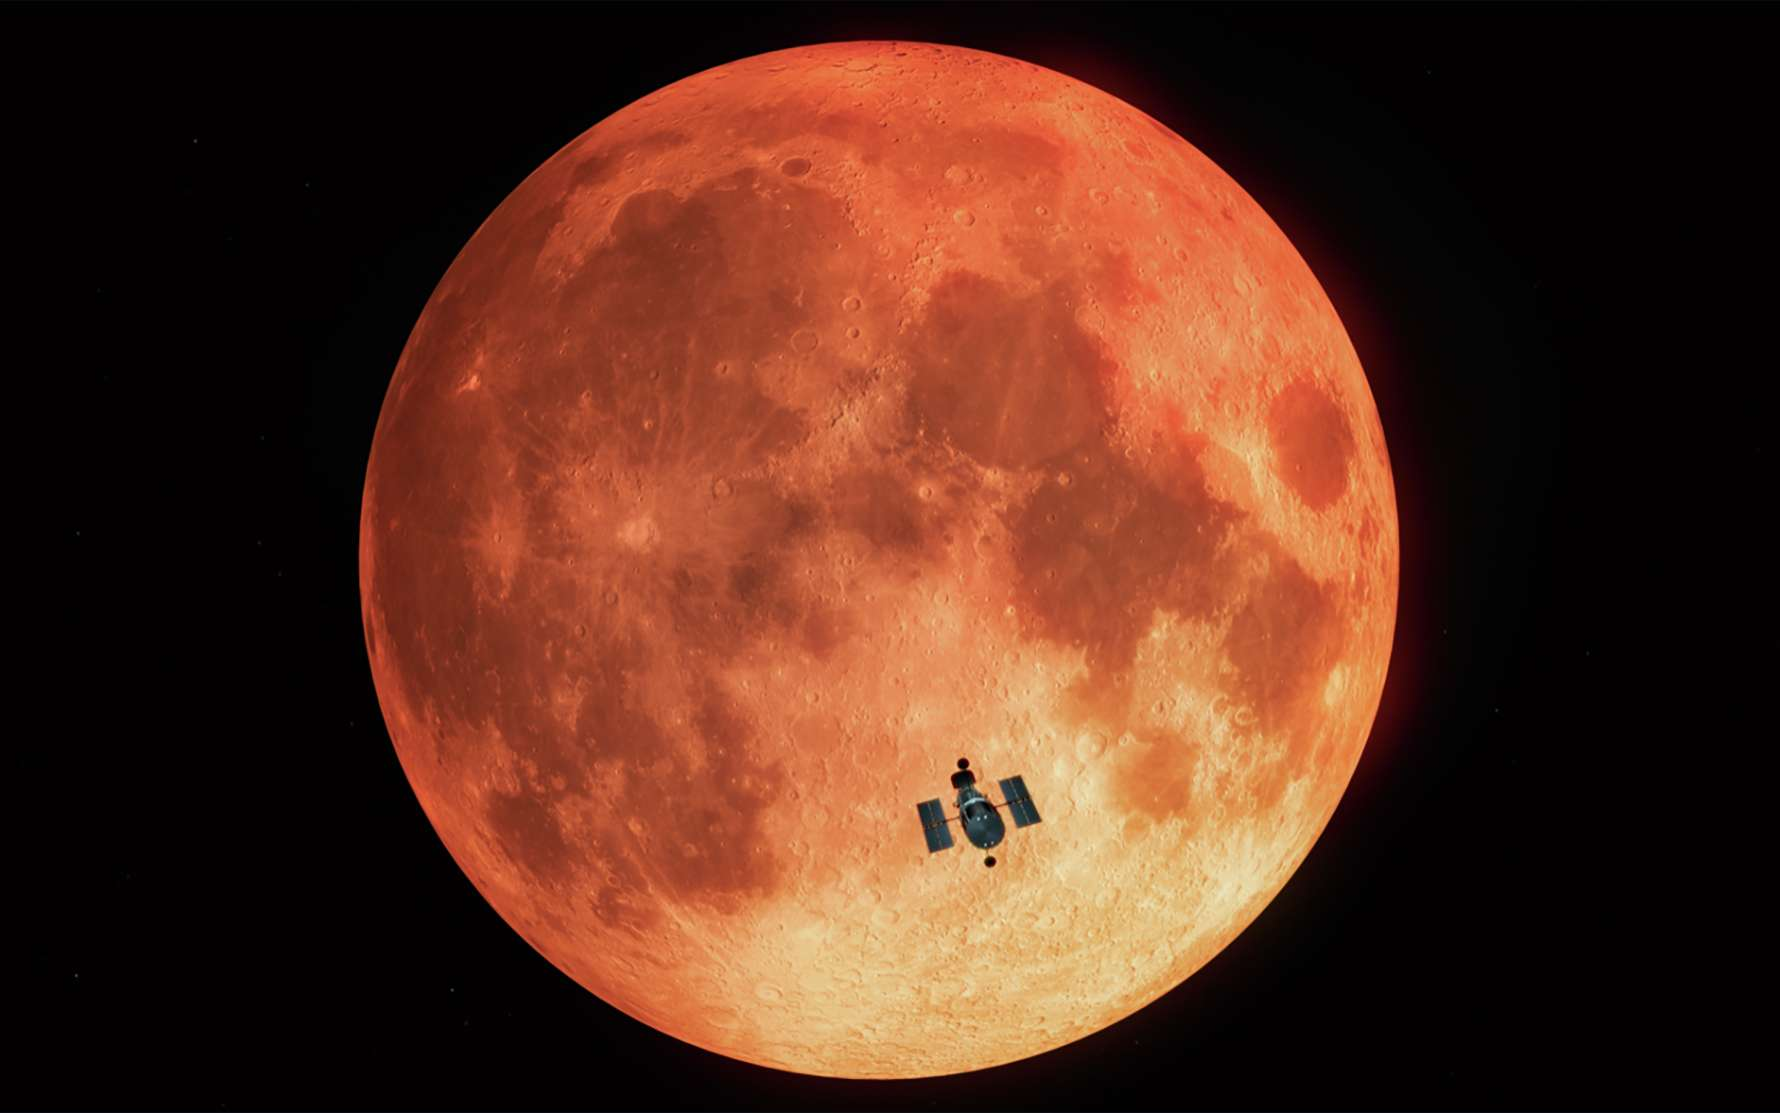 En janvier 2019, Hubble a profité d'une éclipse lunaire totale pour tester une technique d'observation qui aidera à chercher des biosignatures sur des exoplanètes semblables à la Terre. © M. Kornmesser, Nasa, ESA